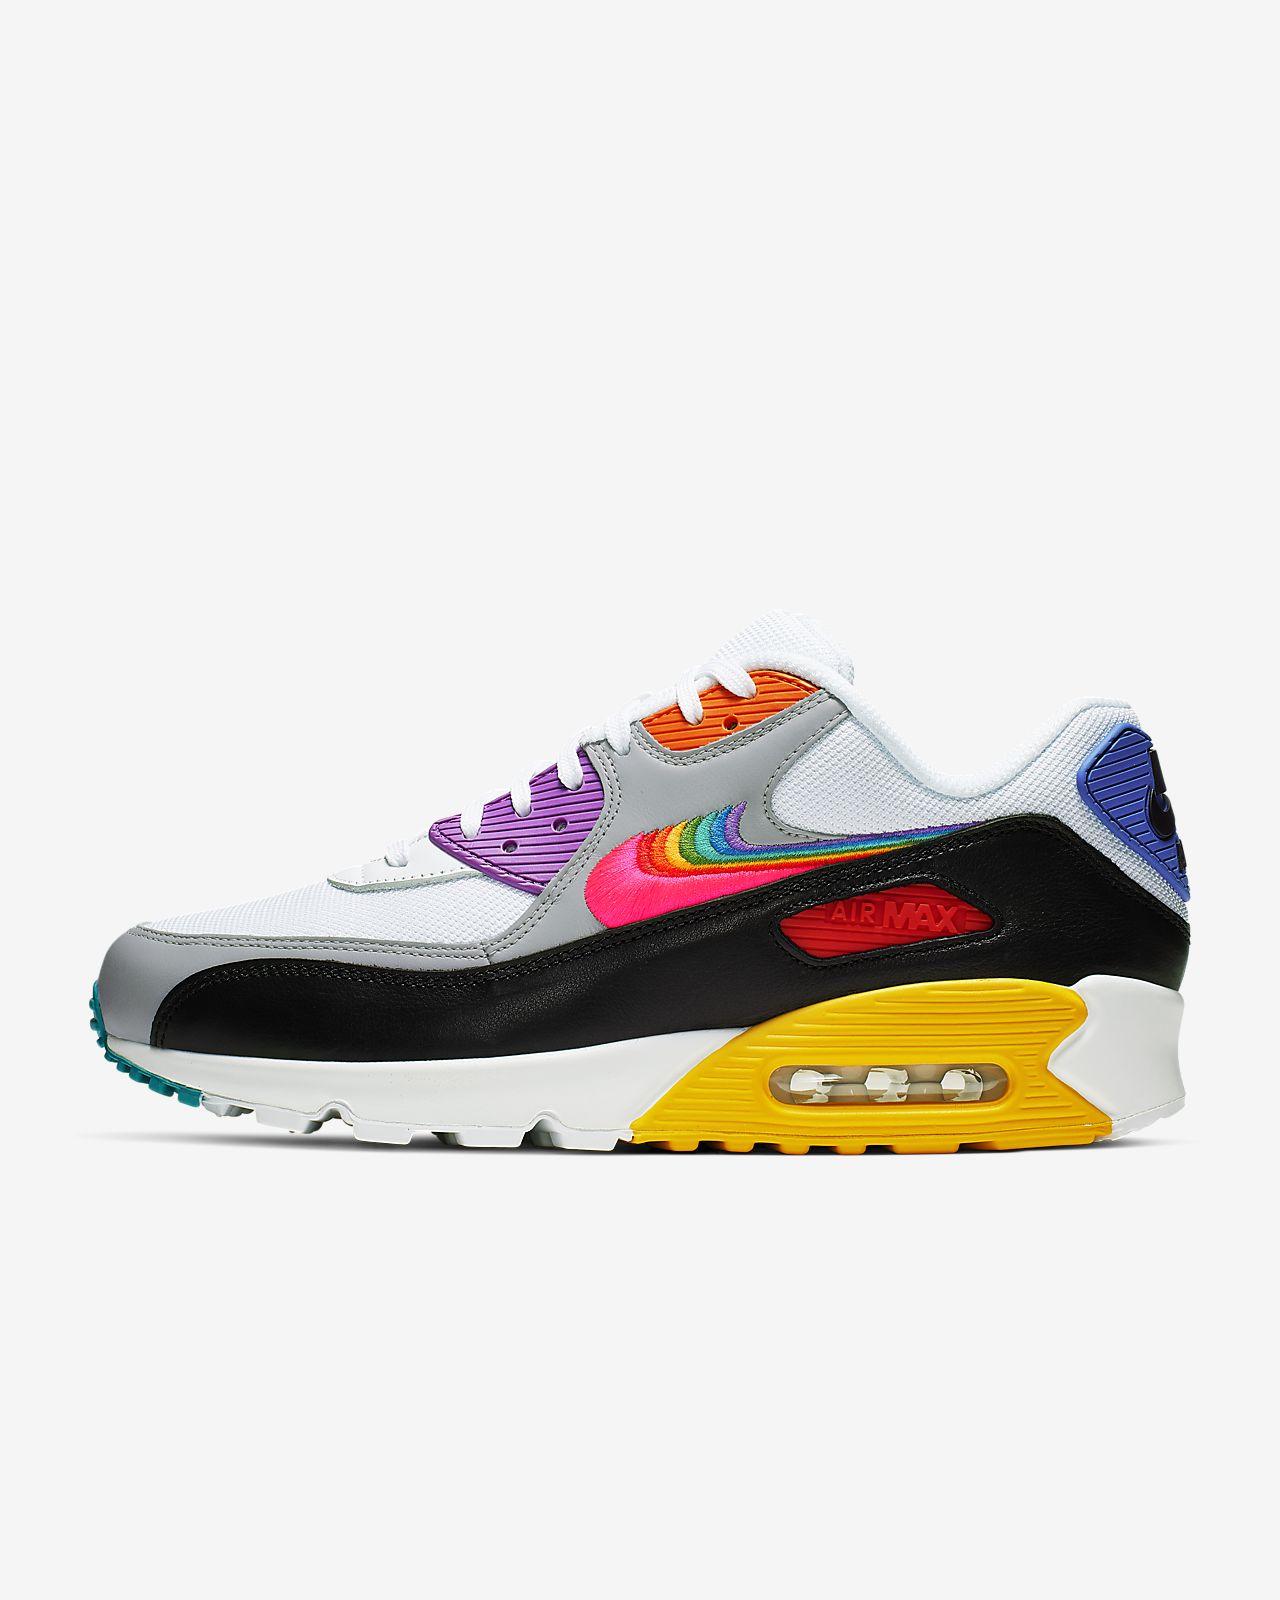 timeless design d7144 73d99 Nike Air Max 90 BETRUE Shoe